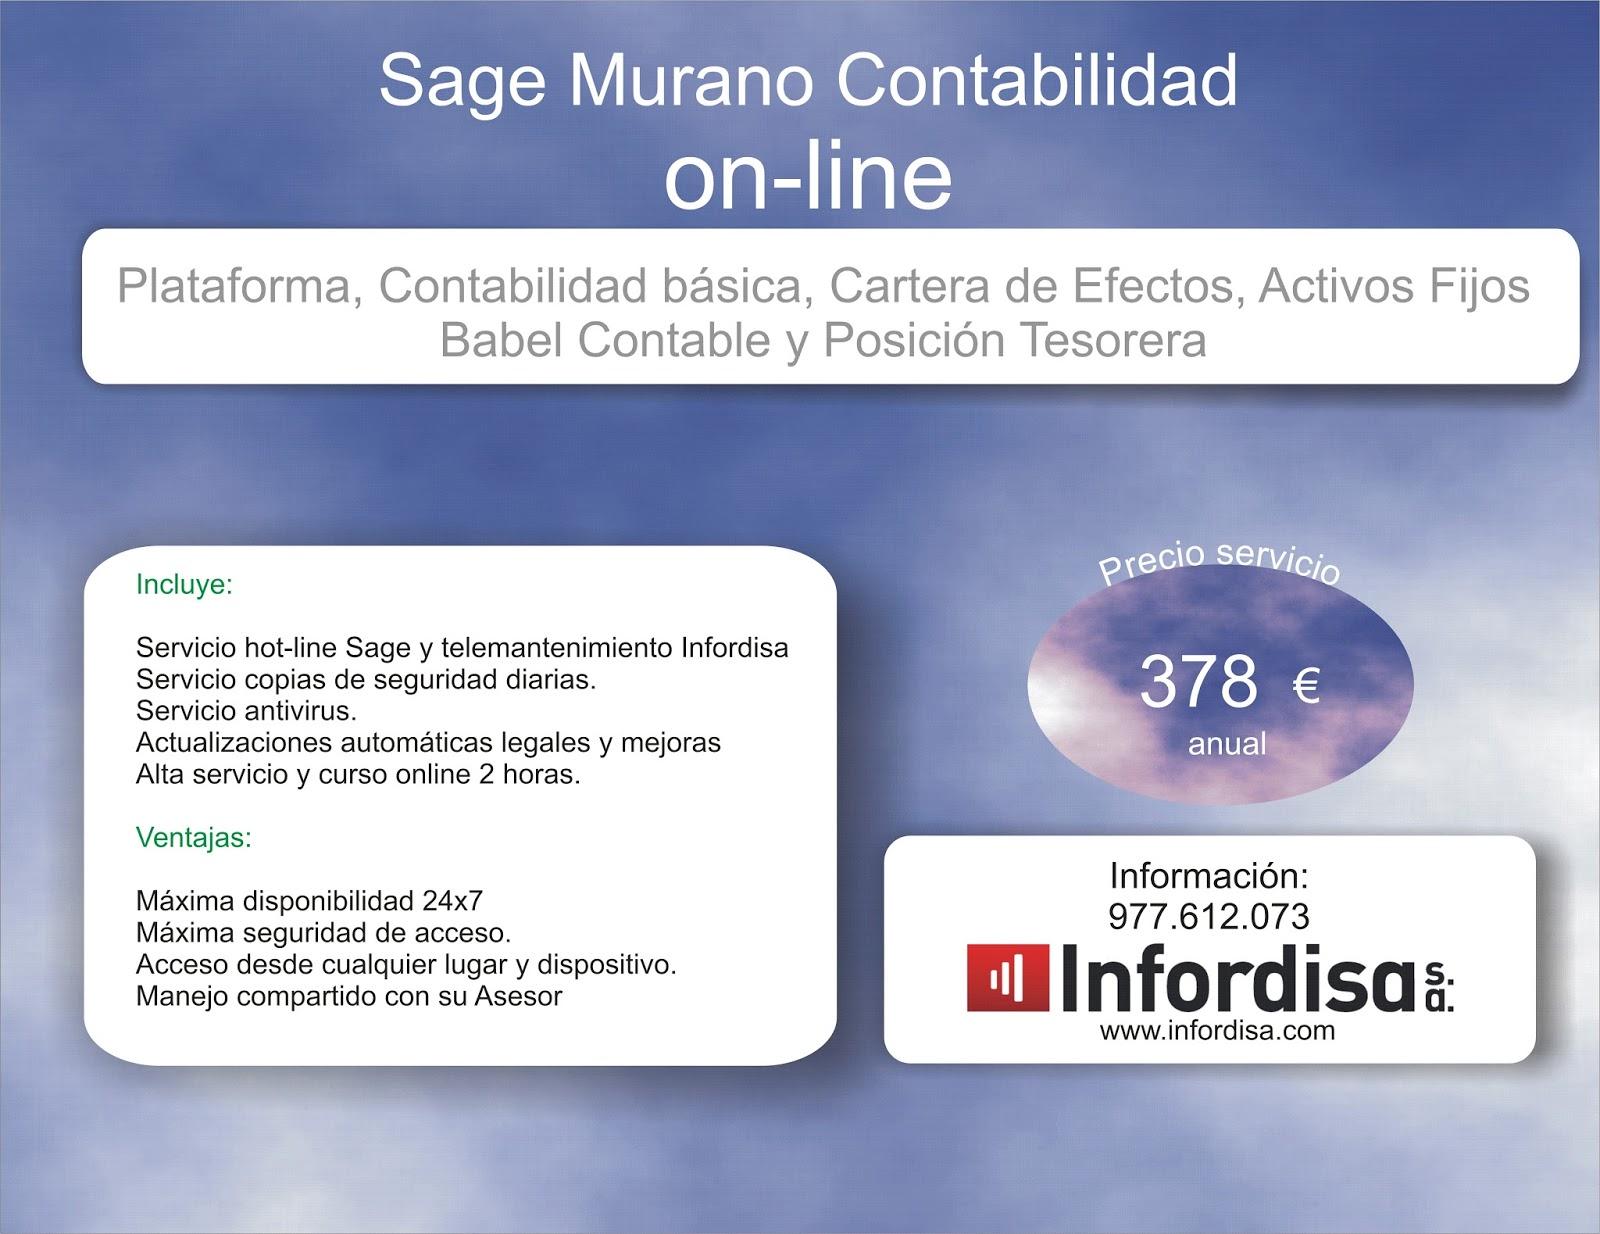 Sage 200 cloud / Sage Murano: Contabilidad online. Sage Murano Standard.